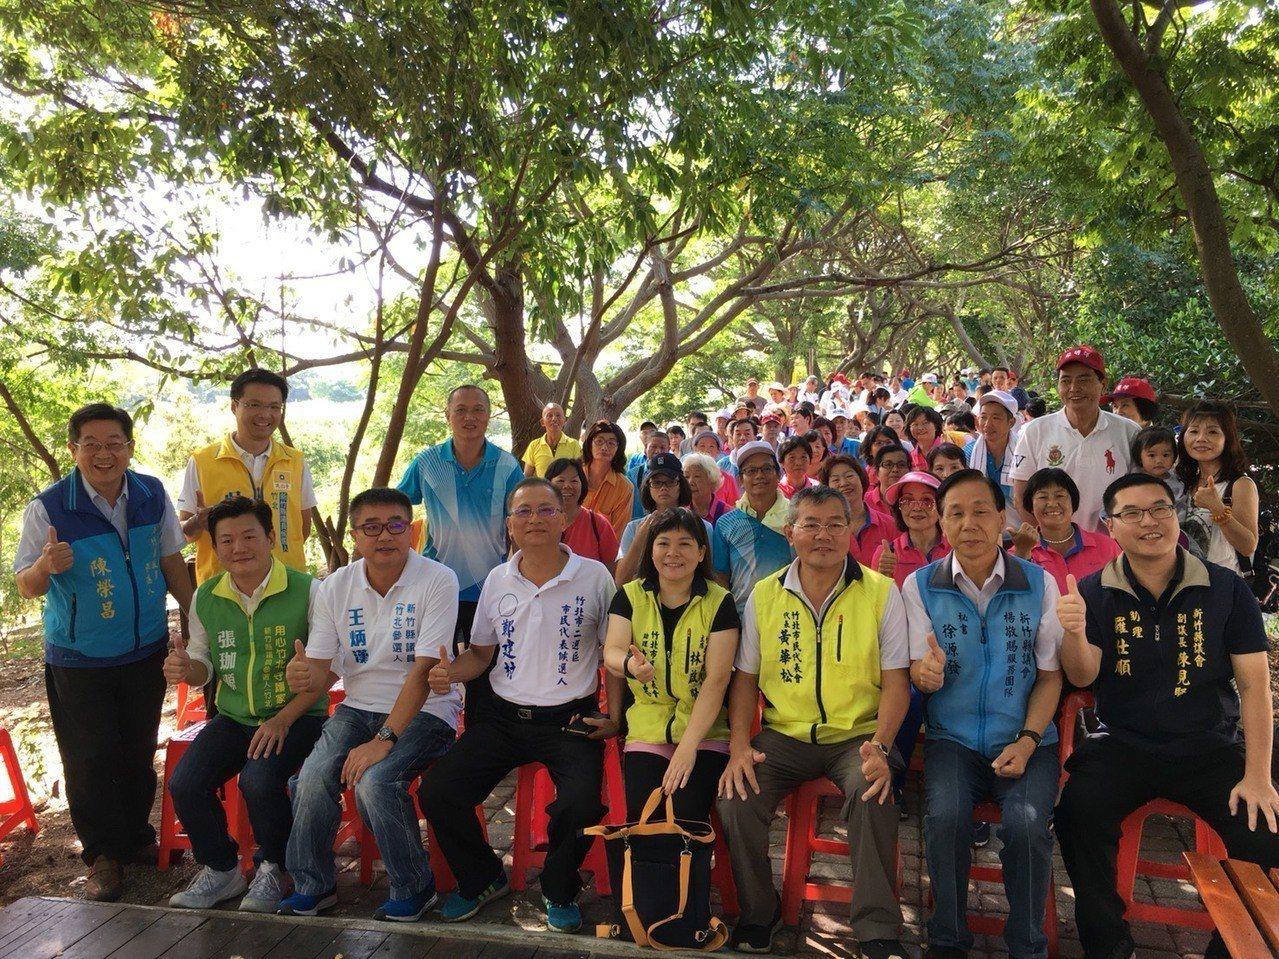 新竹縣竹北泰和里今天舉行「父親節感恩暨親子健行」活動,用健康流汗運動的方式,提前...